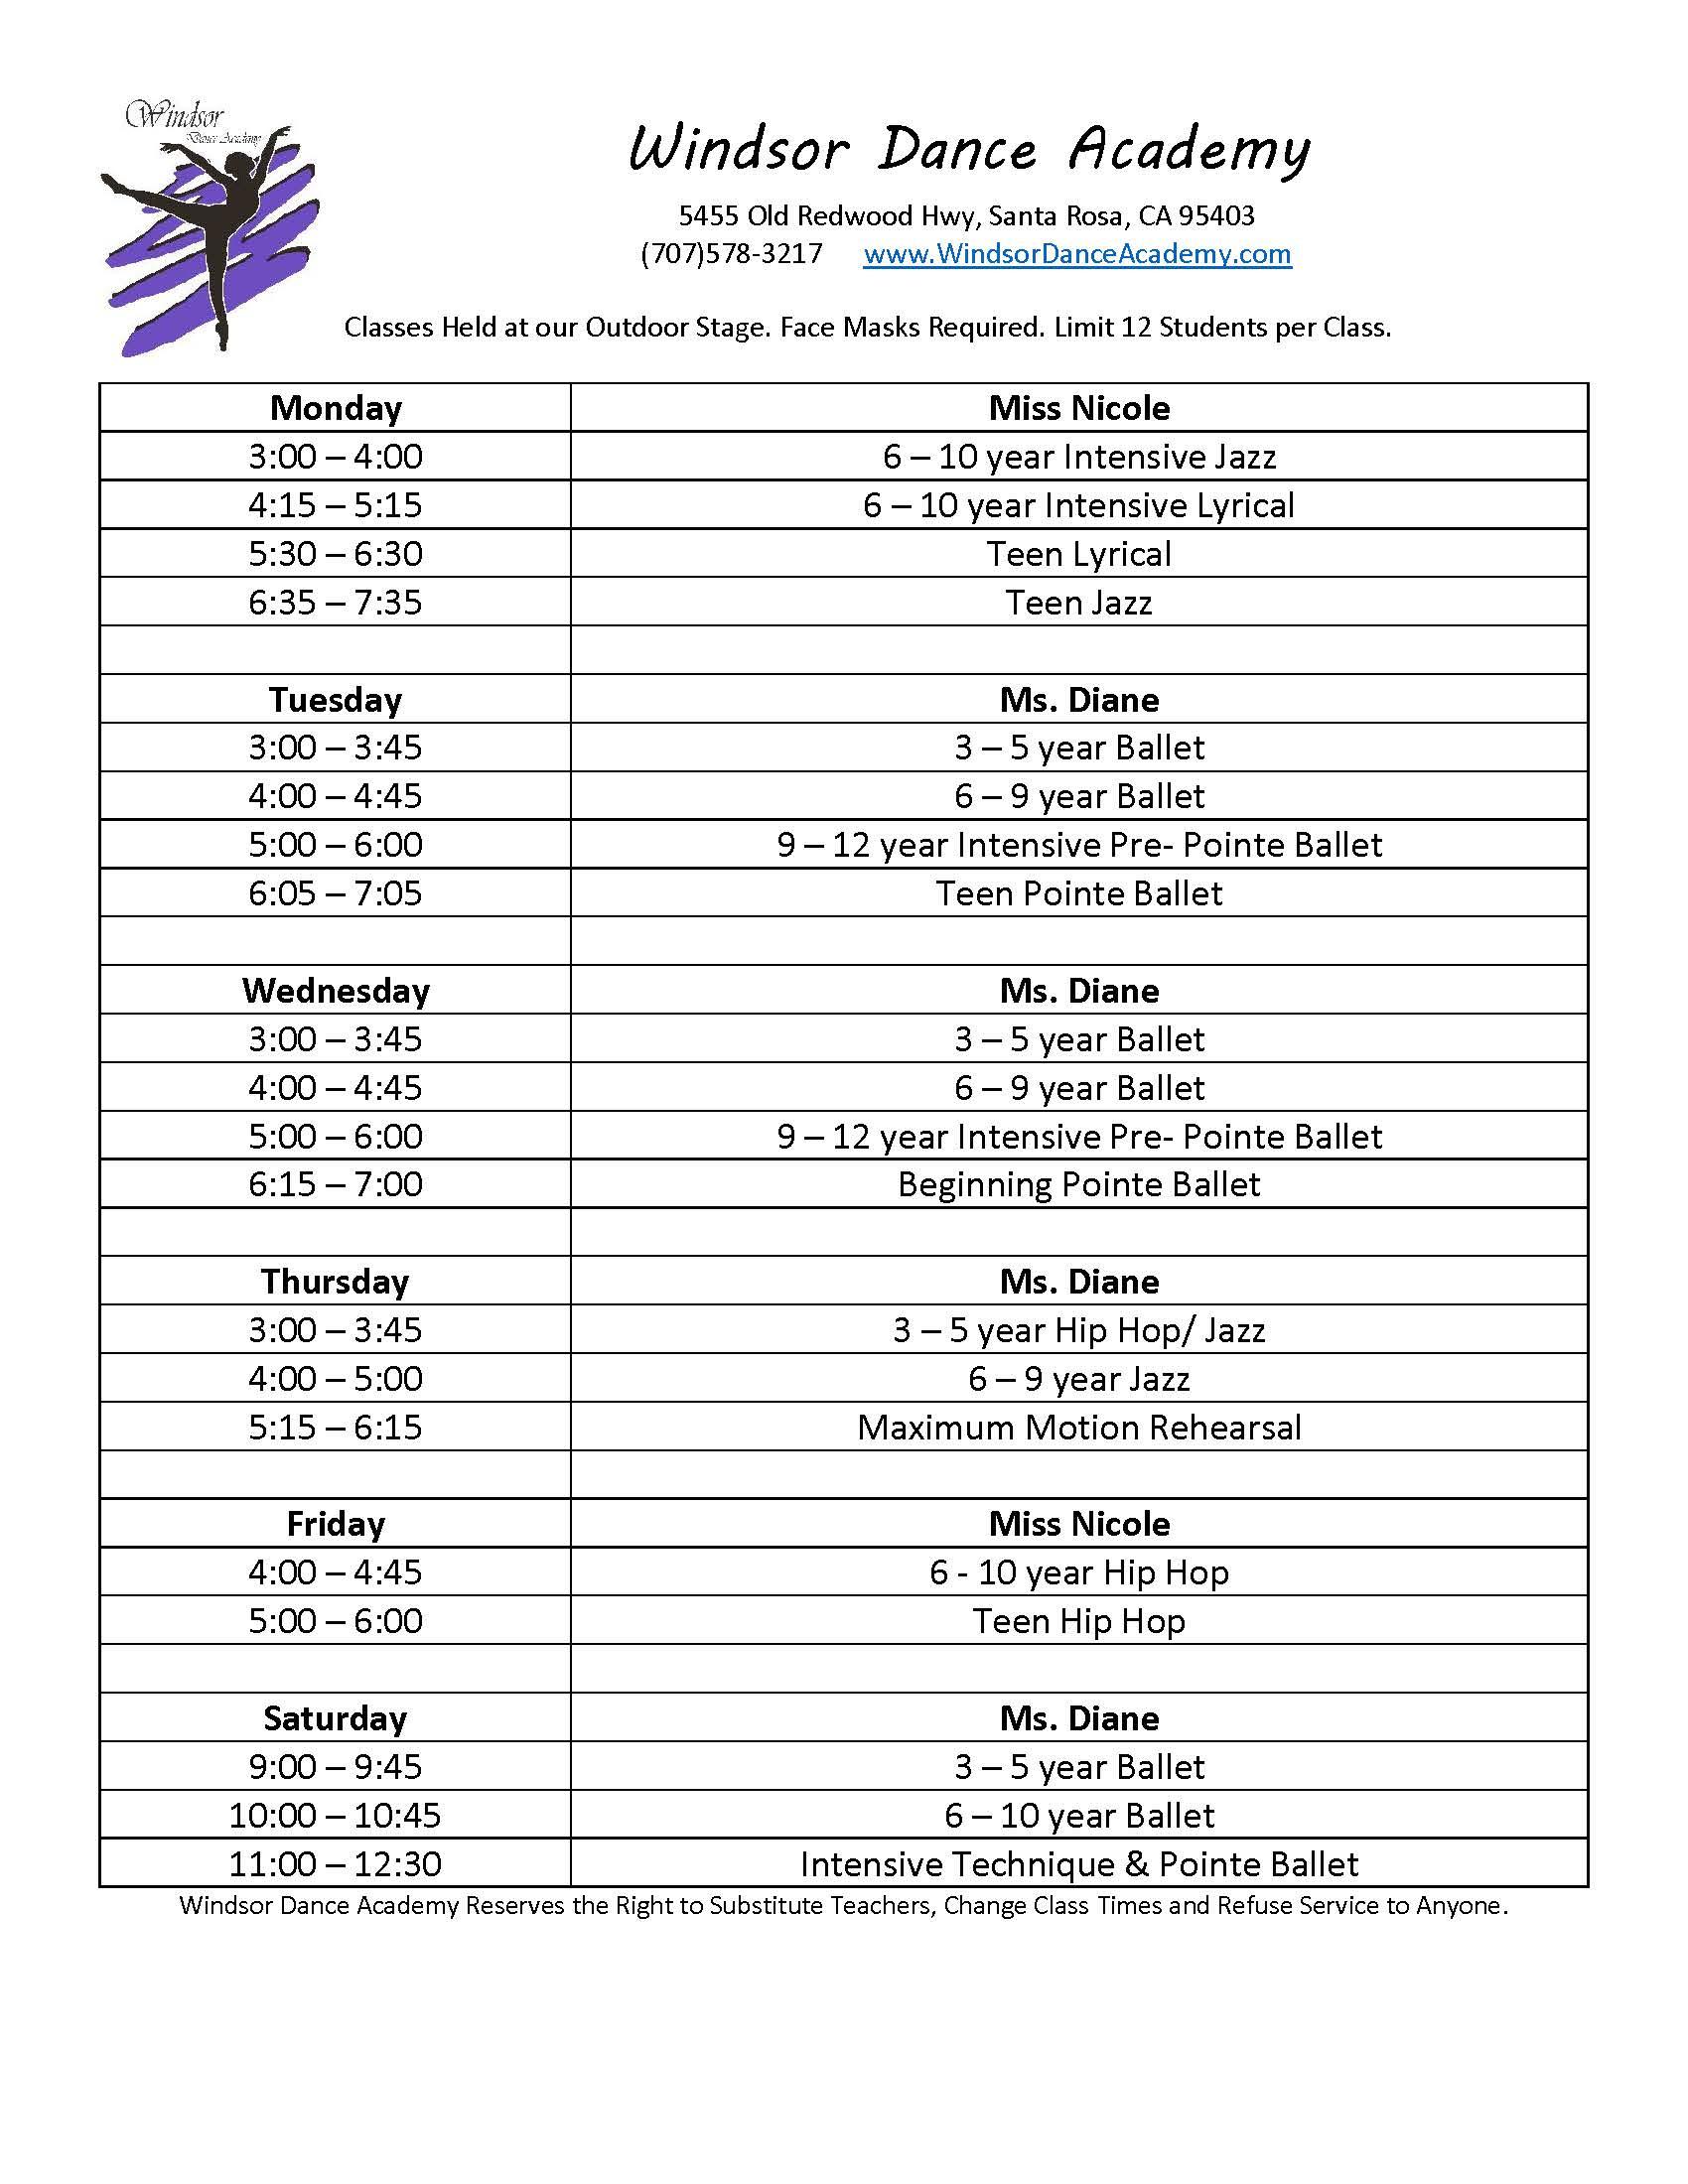 Windsor-Dance-Academy August